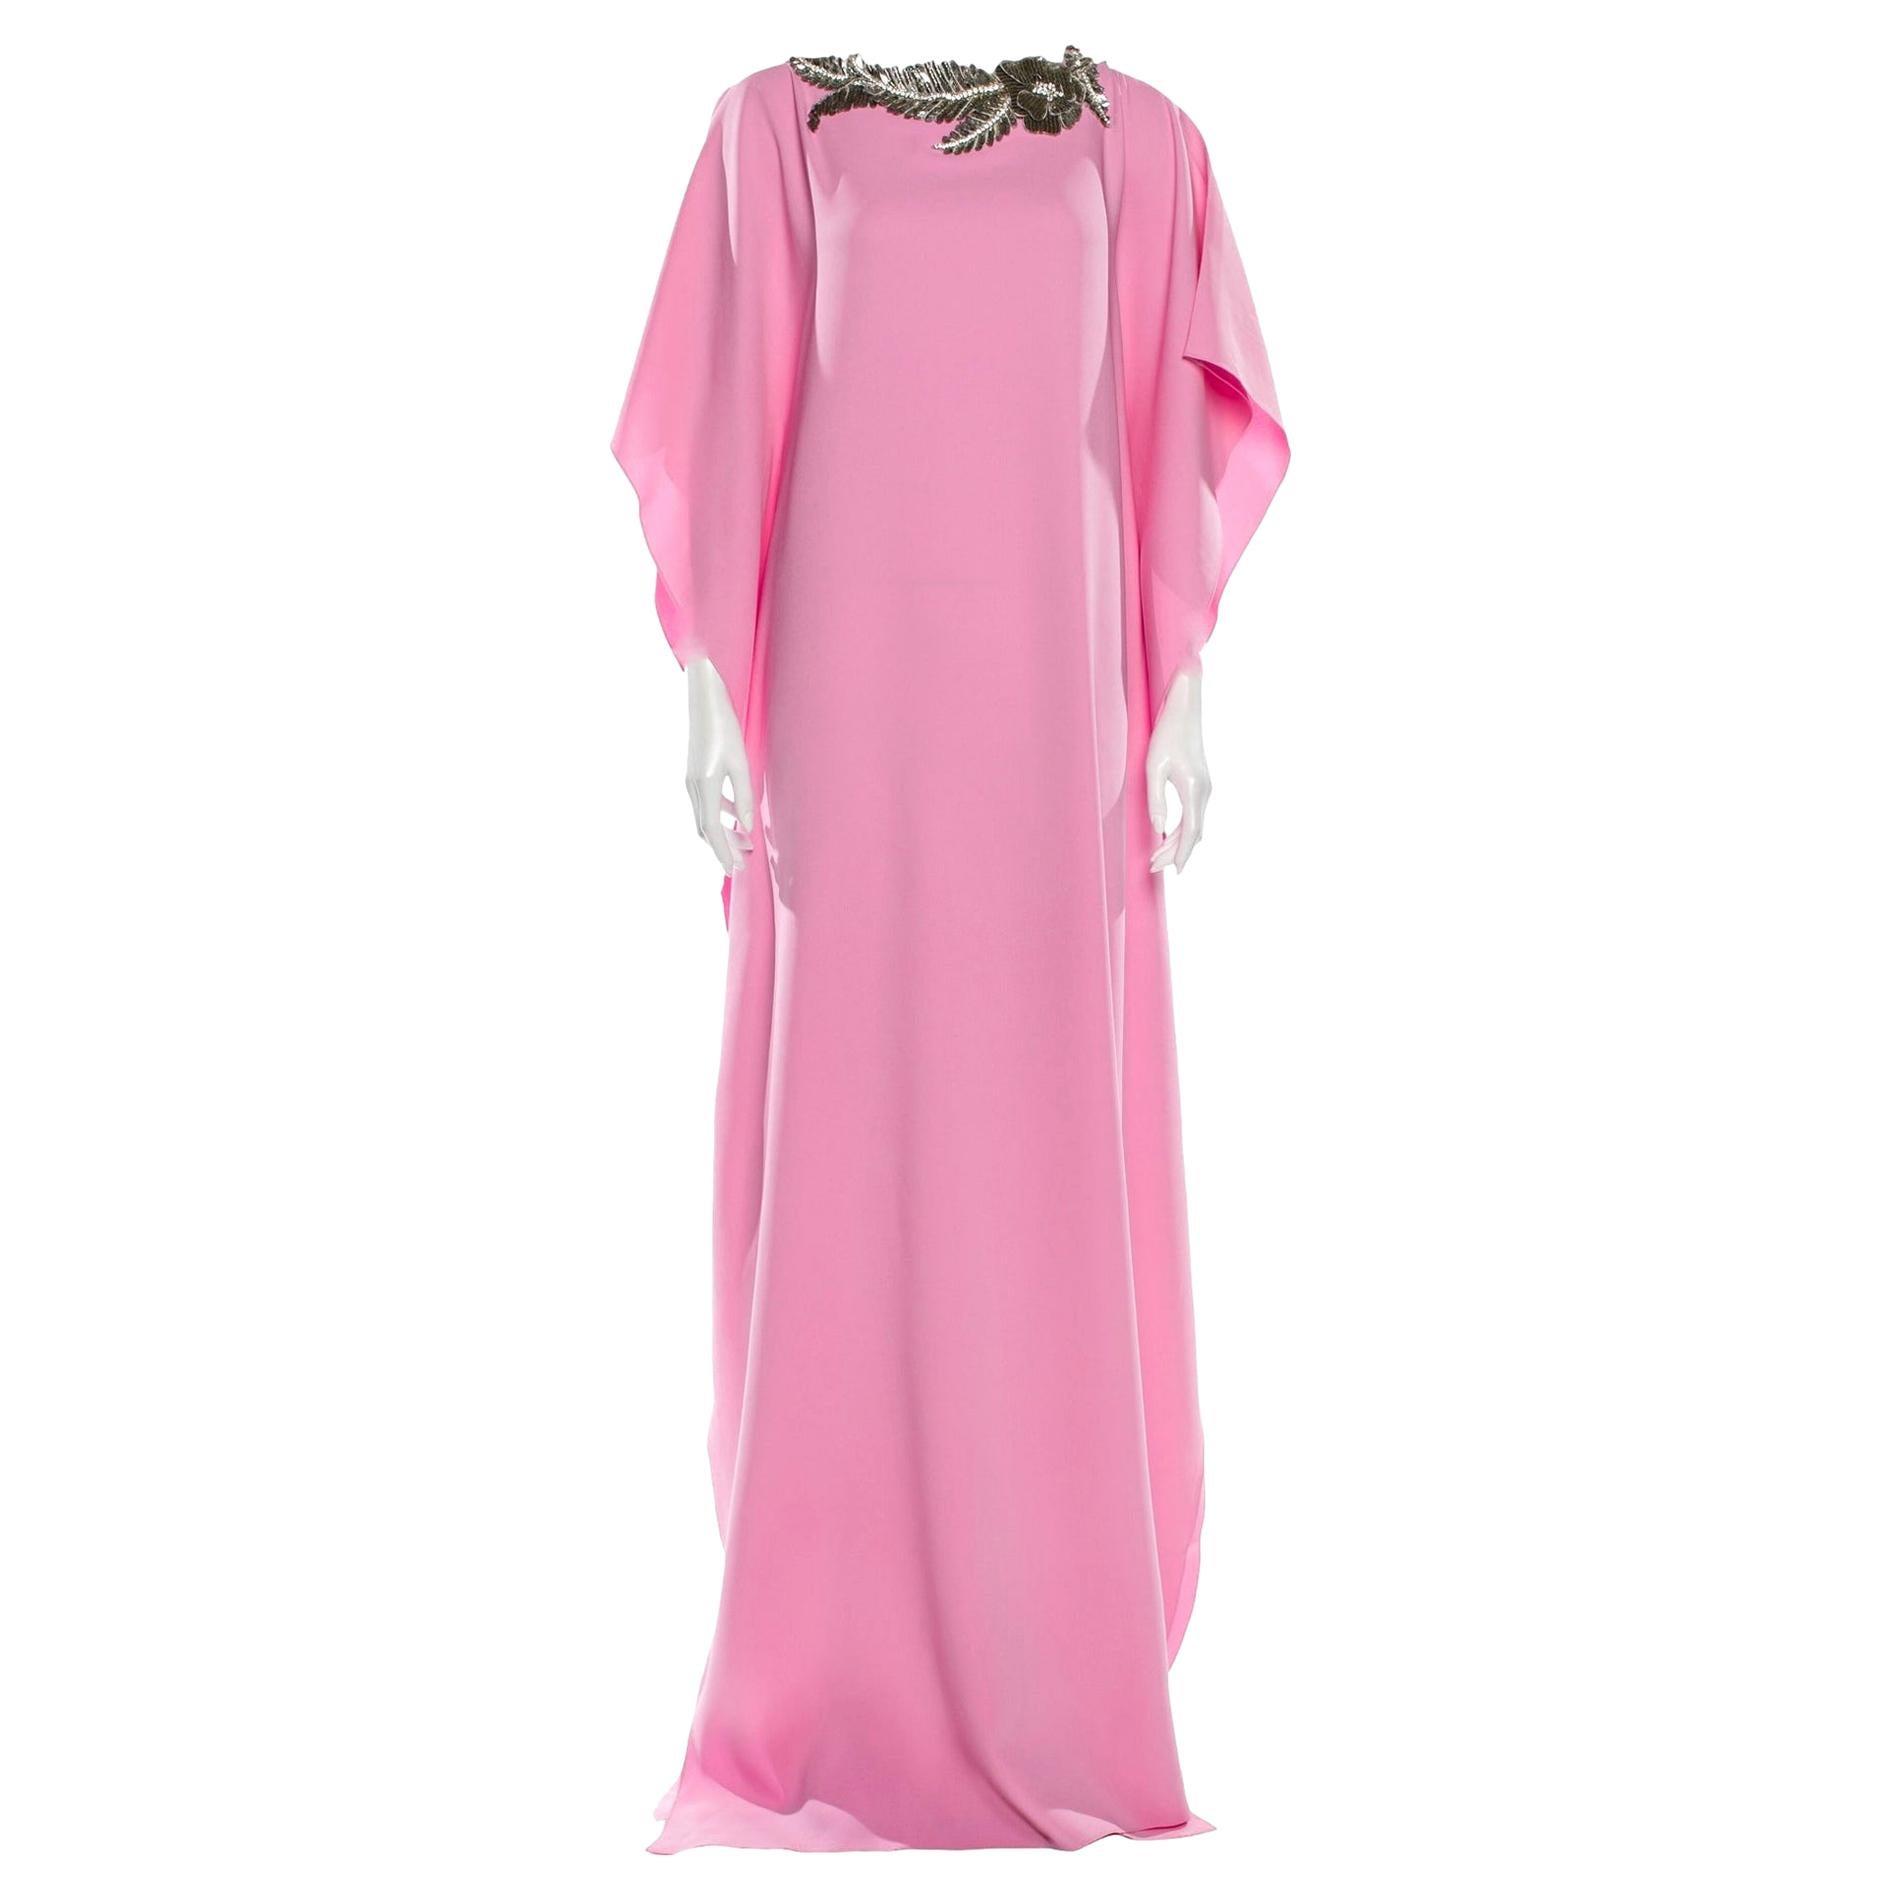 New Oscar De La Renta 2020 Pink Silk Jeweled Caftan Kaftan Dress $4090 W Tags XS